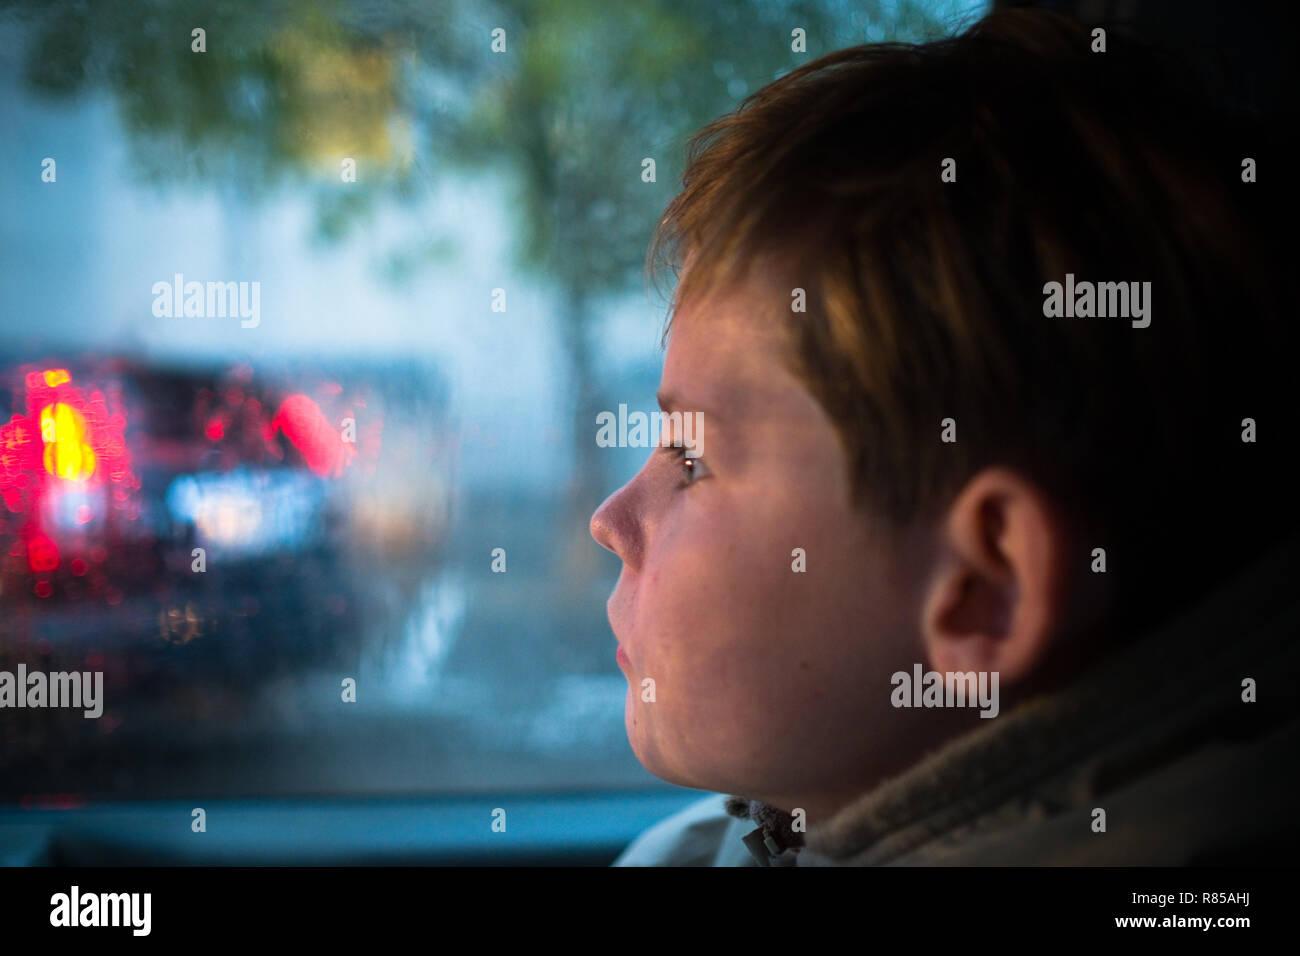 Nahaufnahme Seite Profil des 11 Jahre alten Jungen im Auto auf dem Weg zur Schule Blick aus dem Fenster an einem vorbeifahrenden Auto im Regen Stockbild